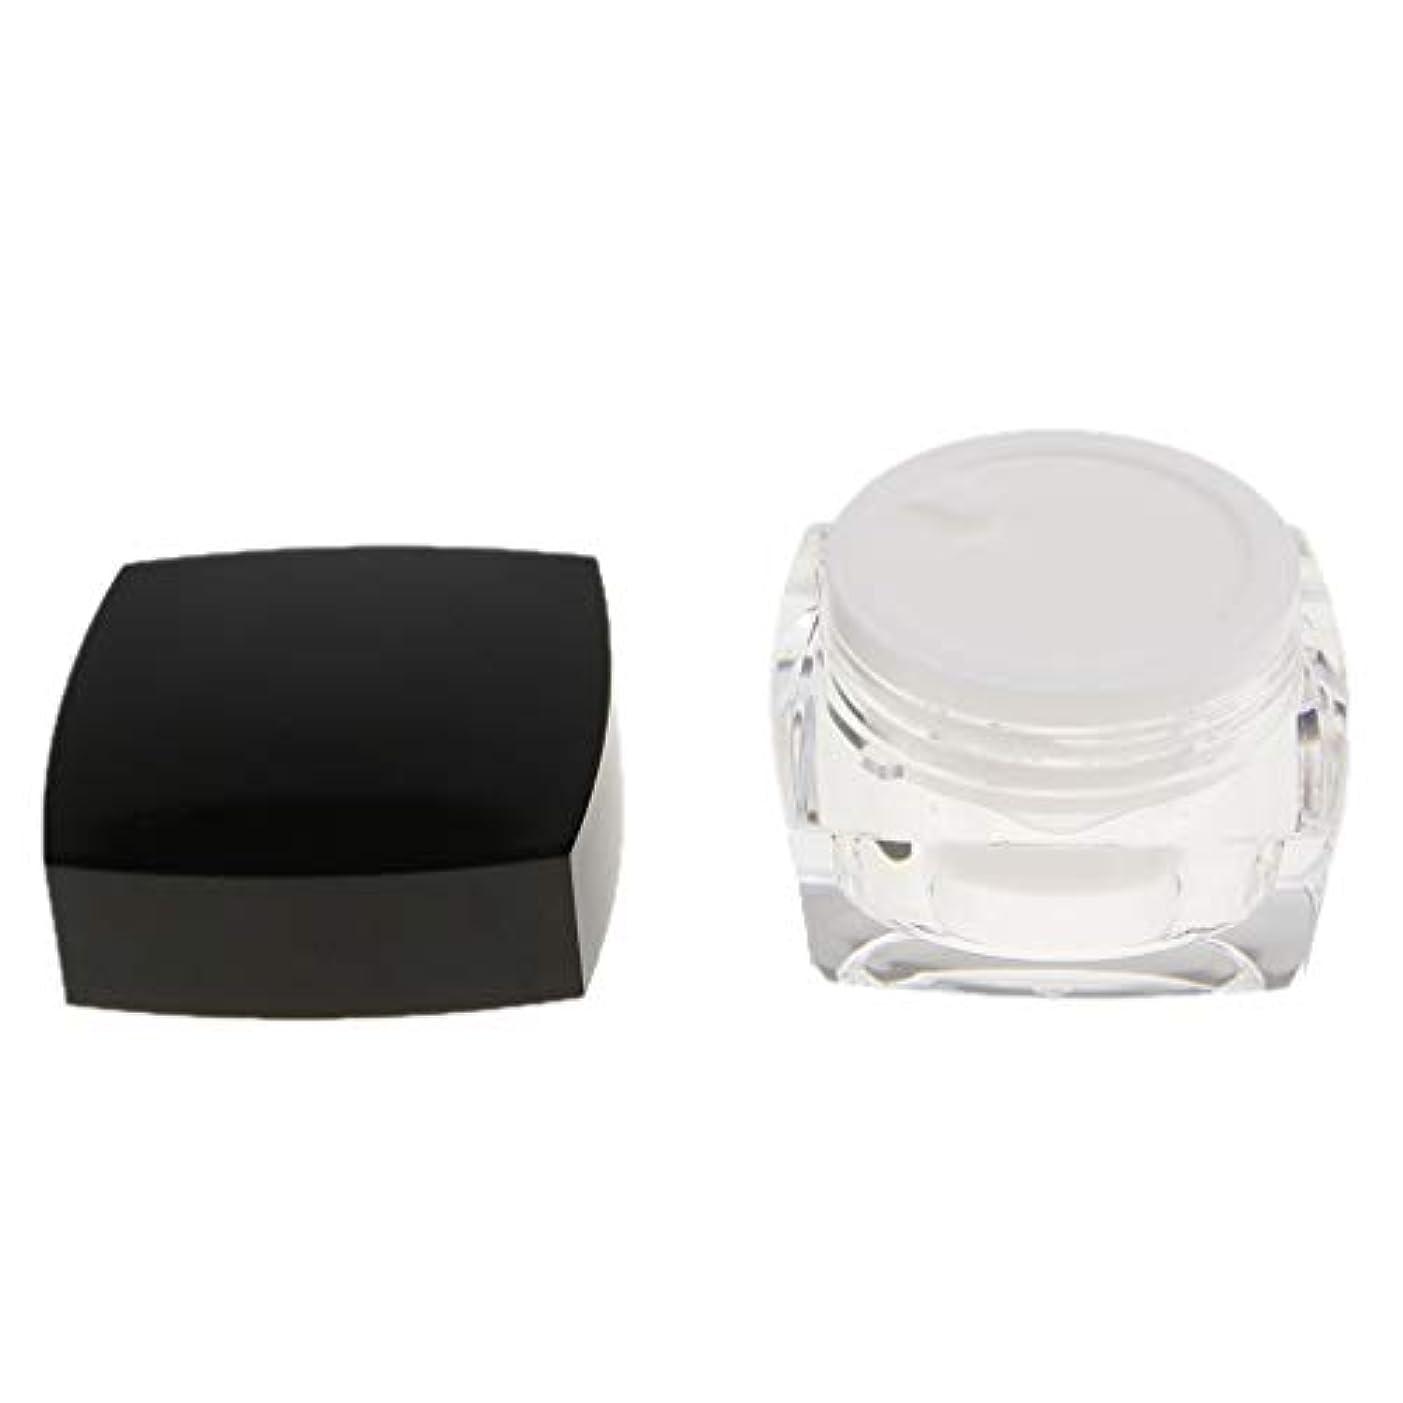 守る資本主義ひらめき化粧品容器 プロ 容器 メイクアップ クリームジャー 瓶 小分けツール 2サイズ選べ - 30g